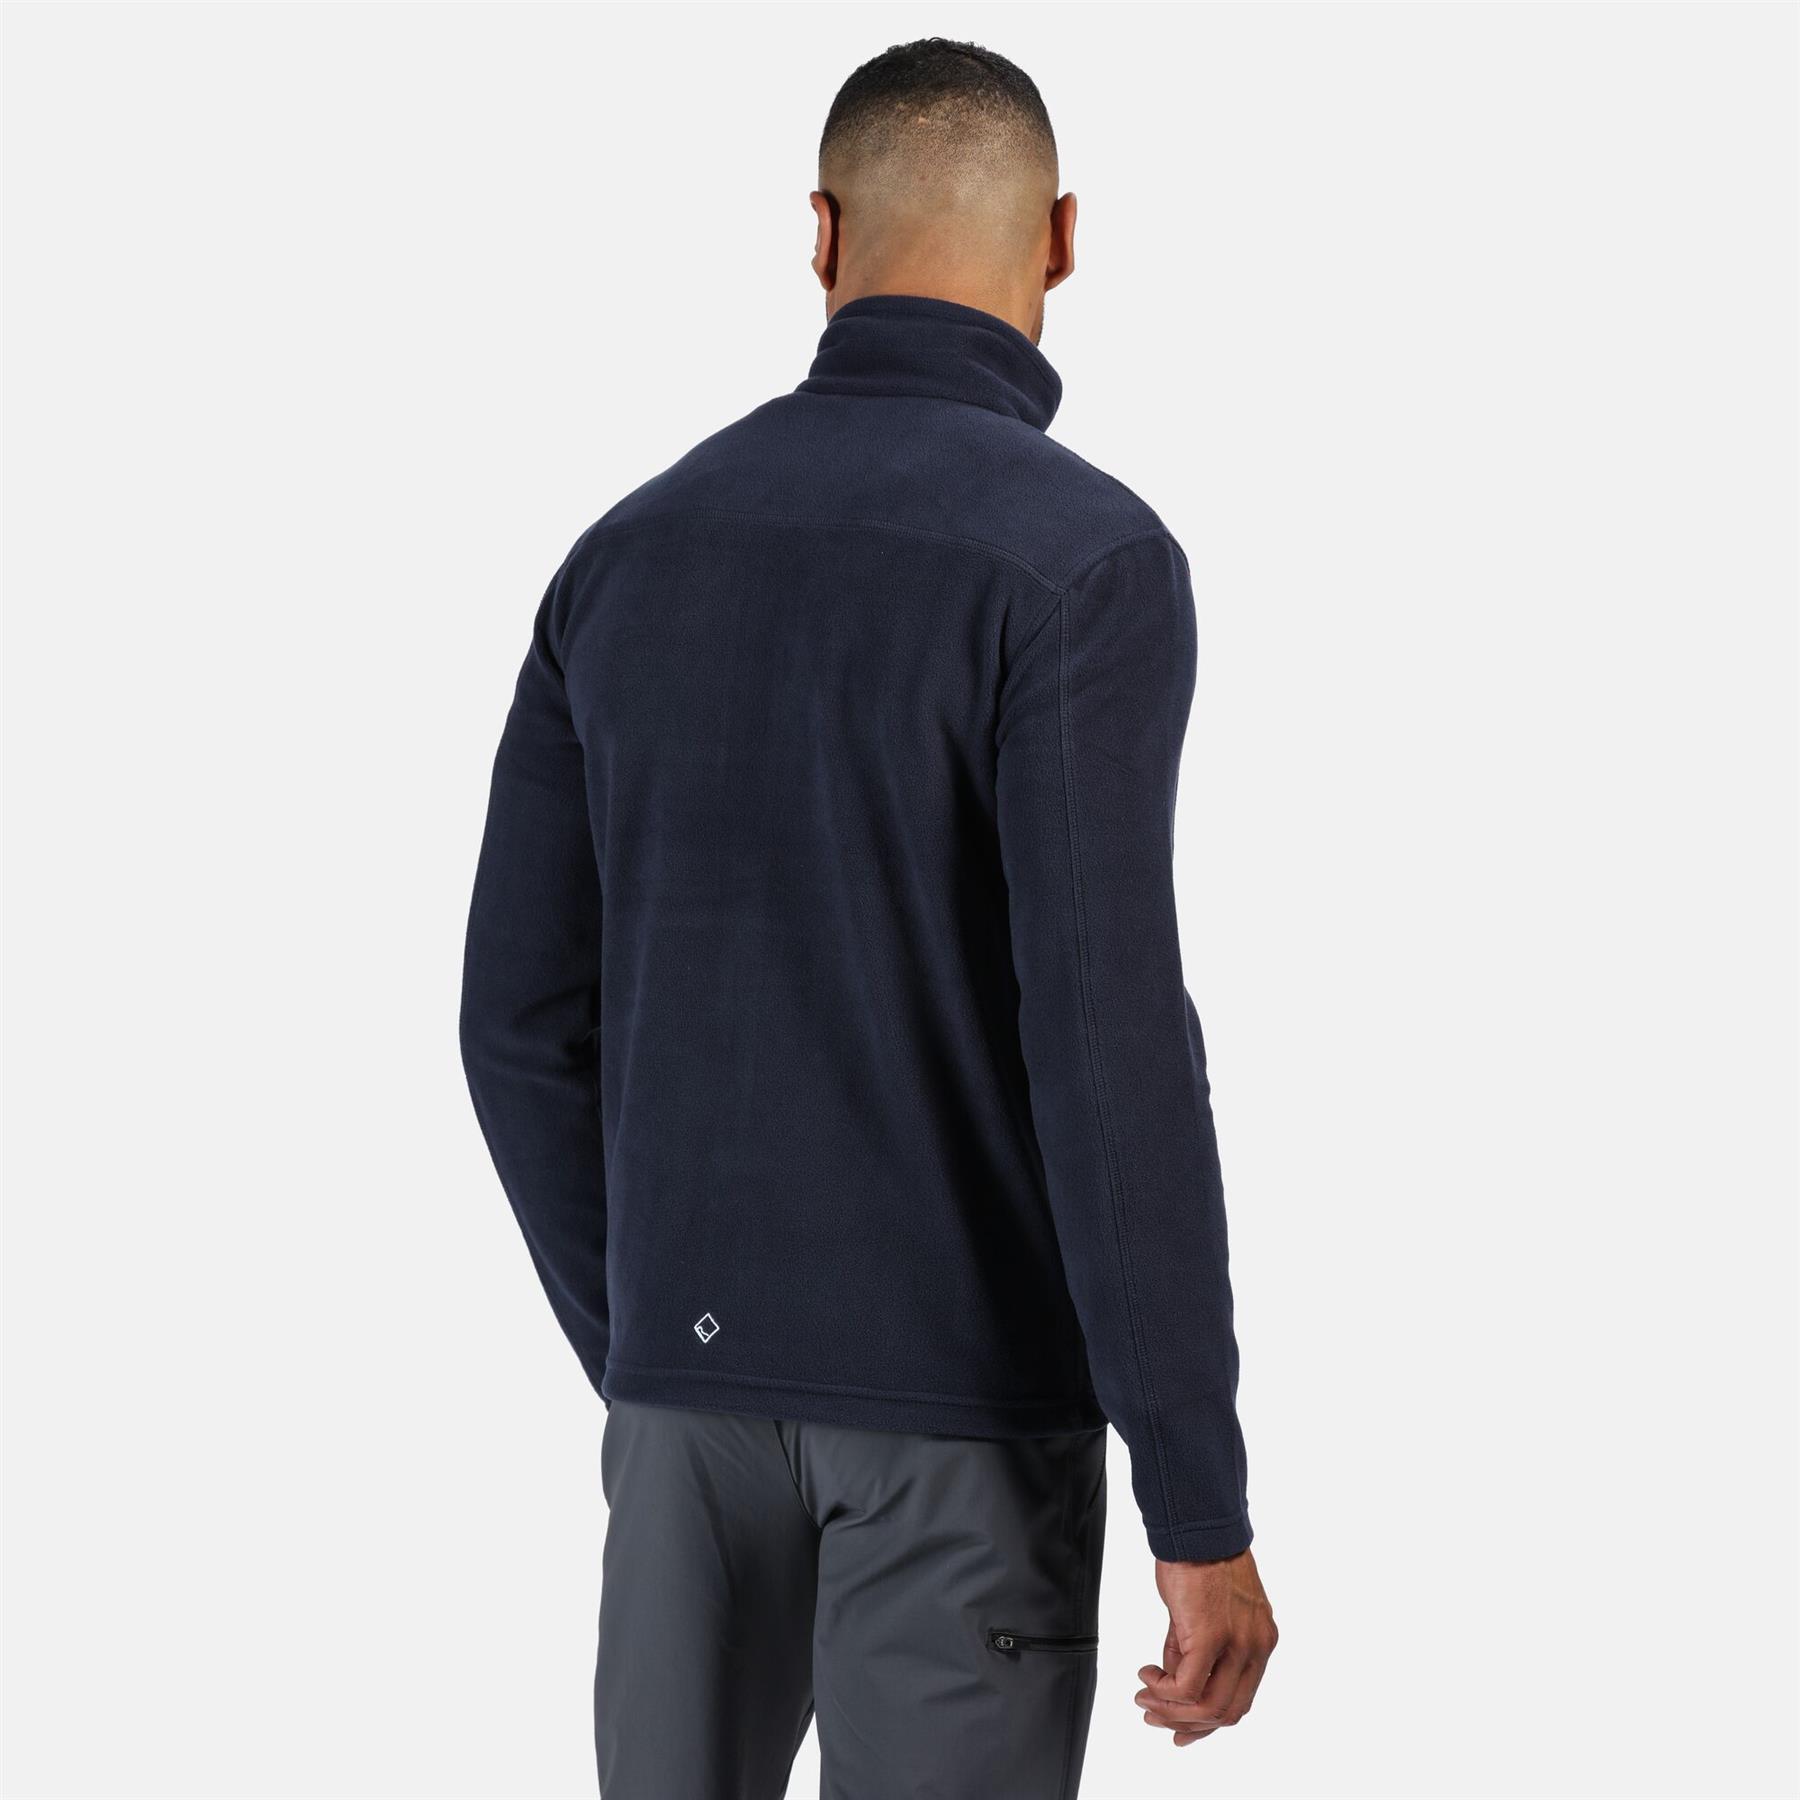 miniatuur 12 - Regatta Mens Fellard Fleece Jacket Full Zip Up Coat S M L XL 2XL 3XL 4XL